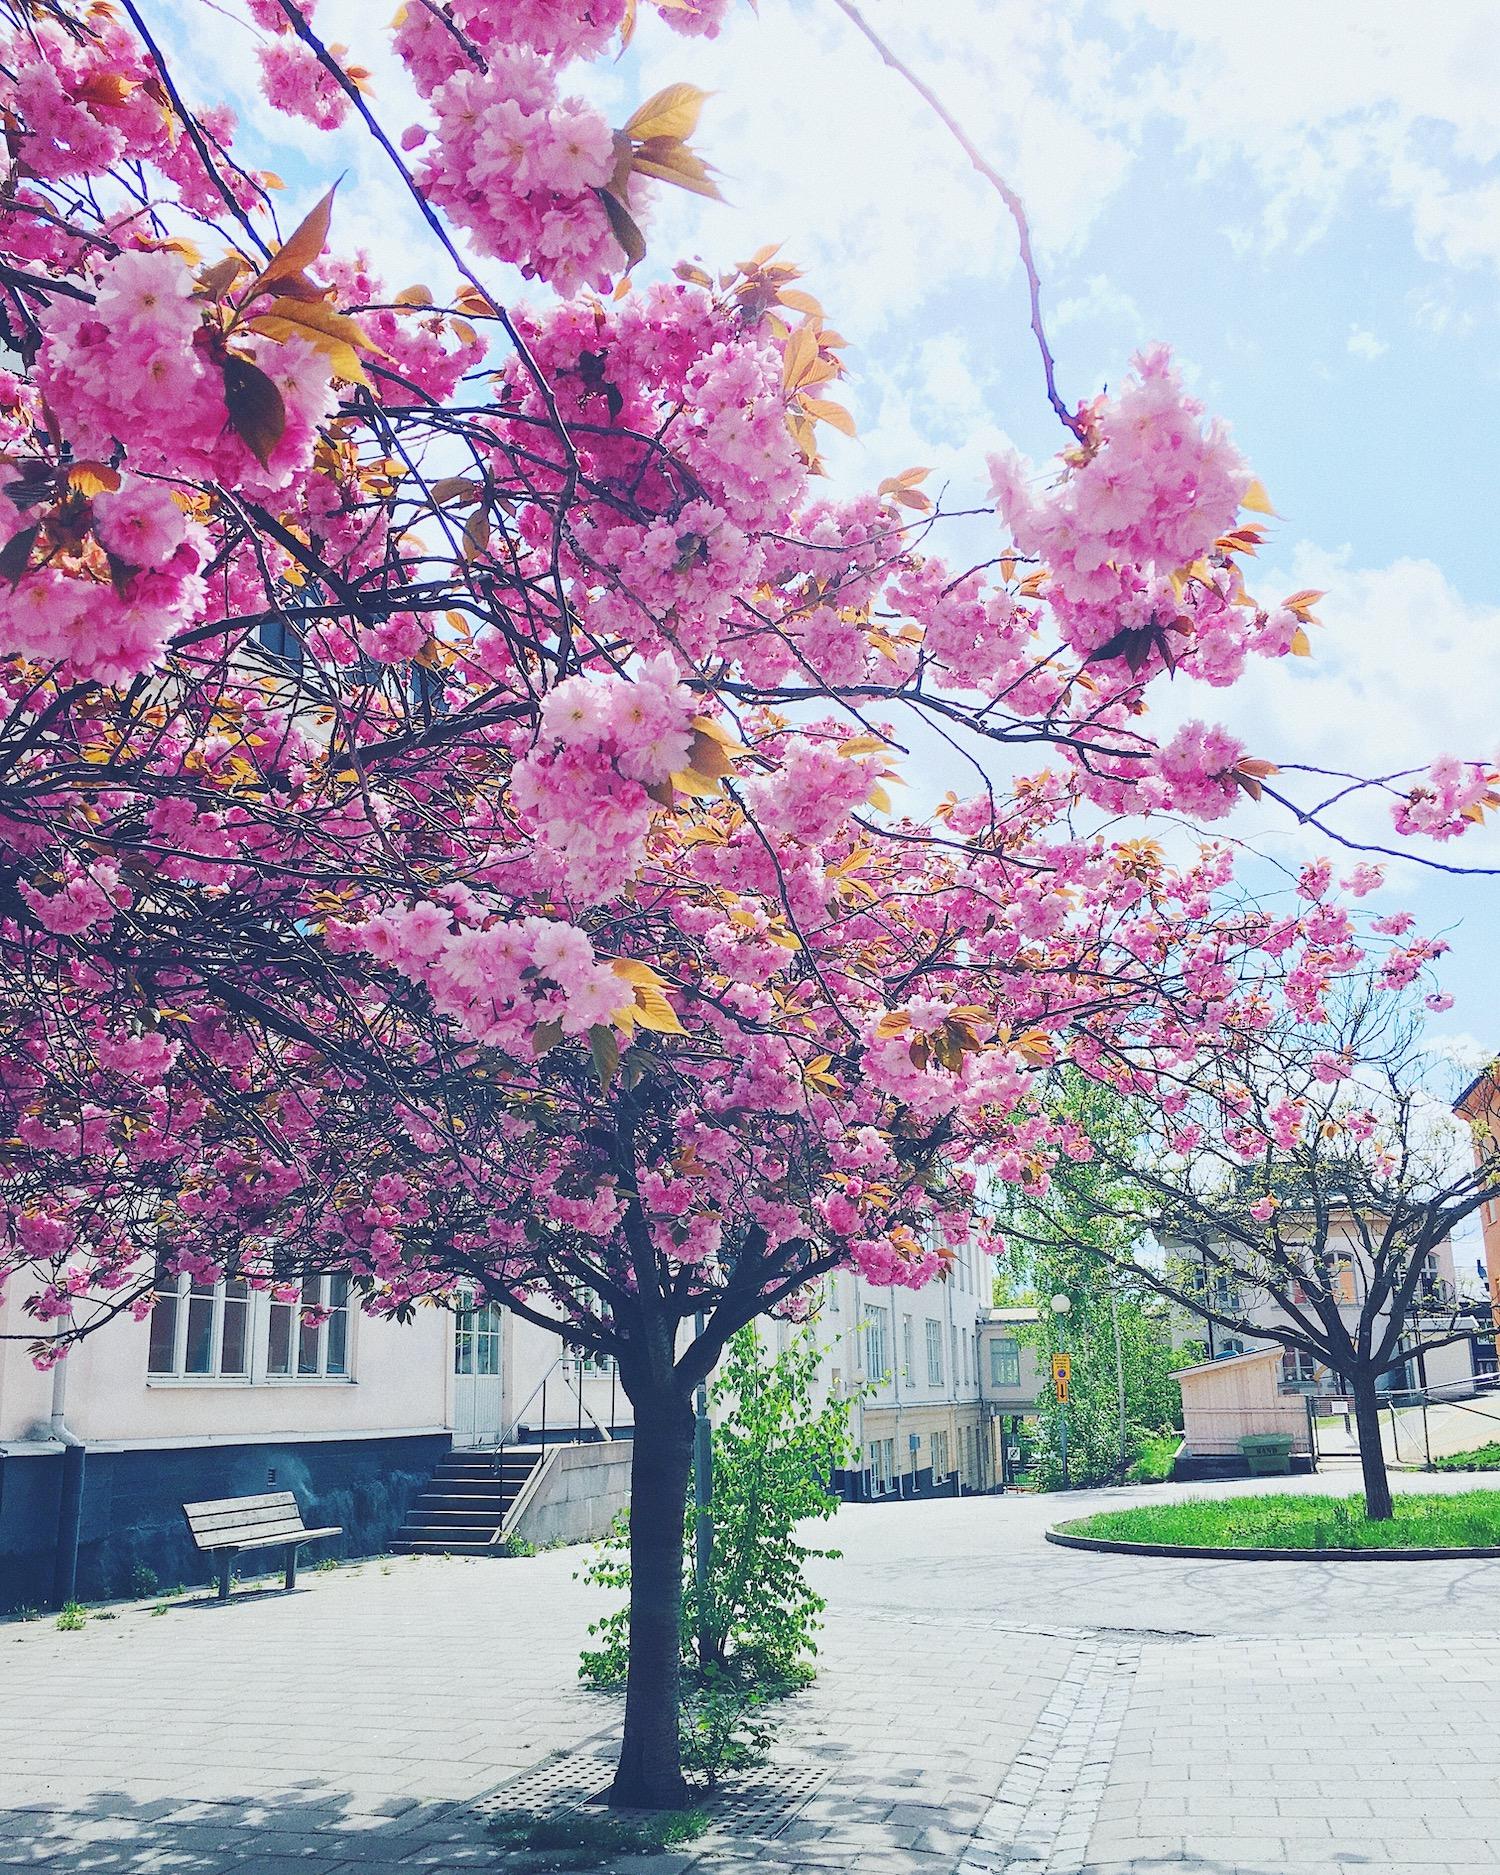 Spring in Soderholm